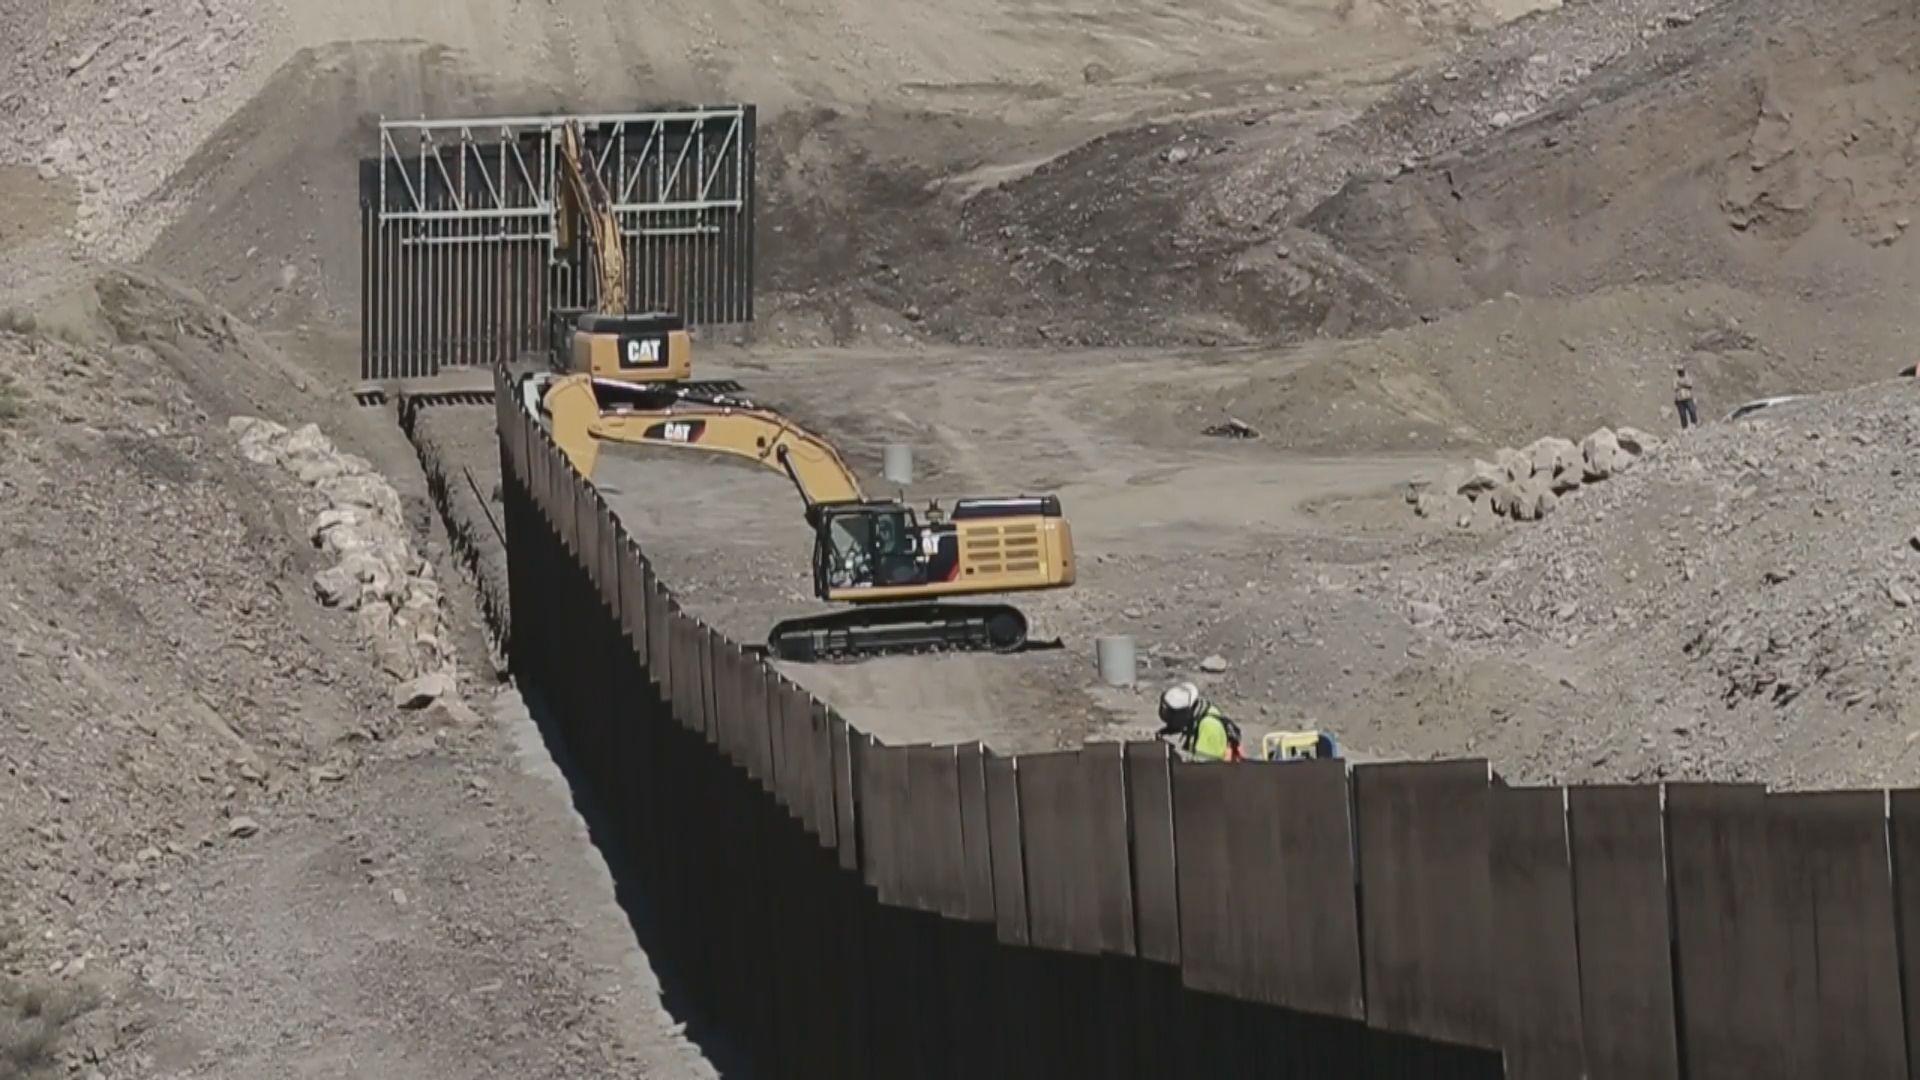 美國民間組織於美墨邊境建私人圍牆